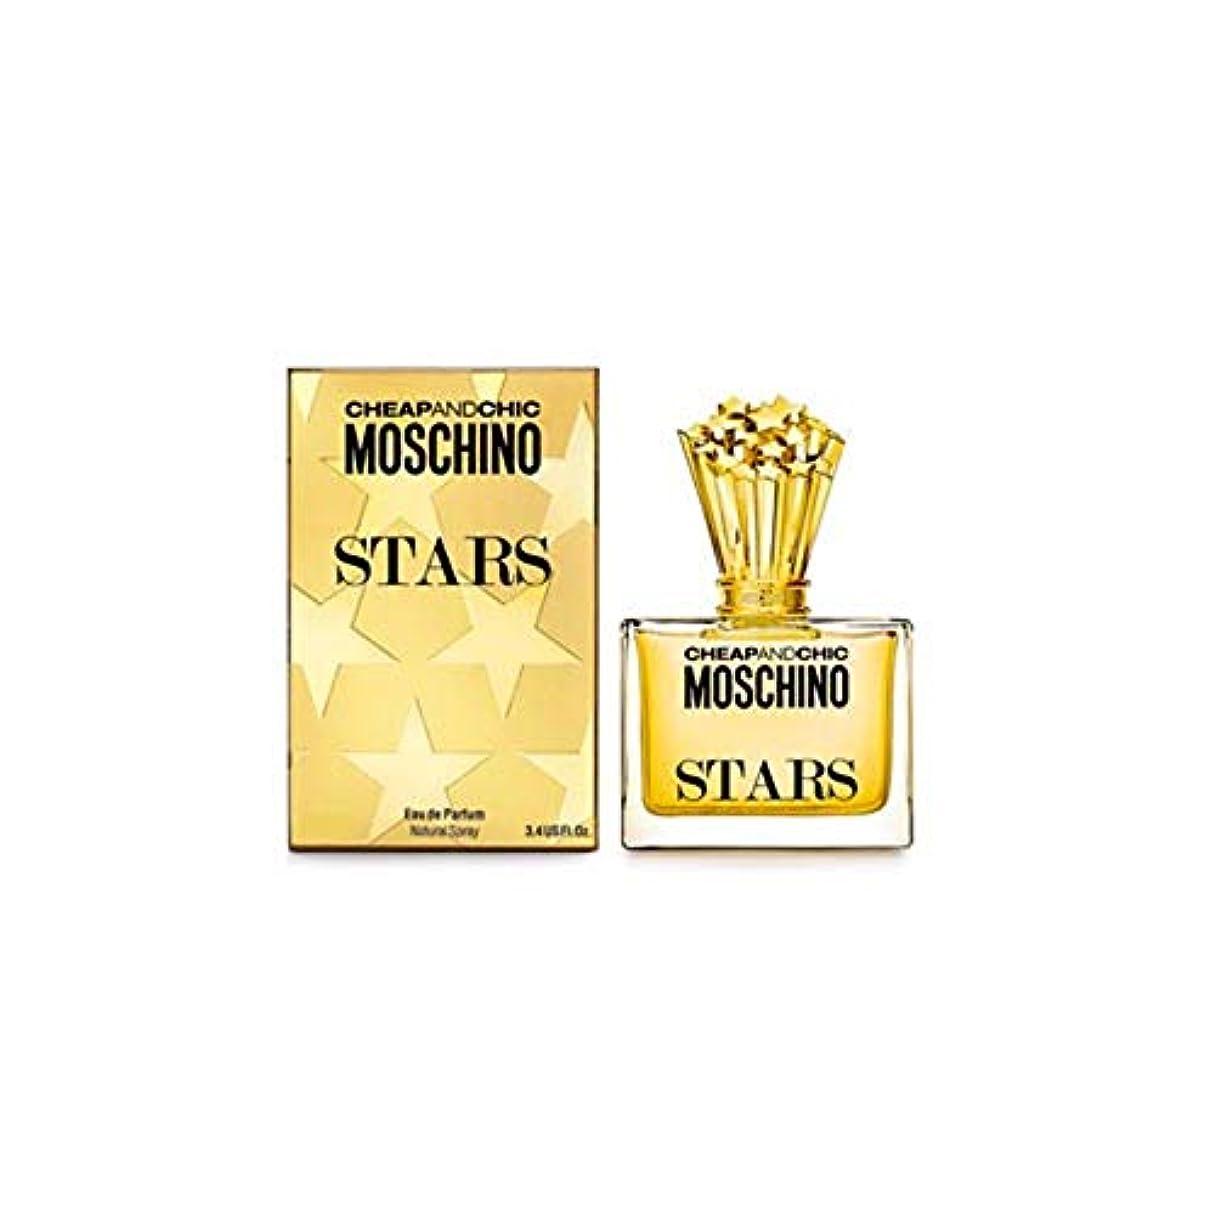 立方体キャンベラ誘導Moschino Stars by Moschino Eau De Parfum Spray 1.7 oz / 50 ml (Women)